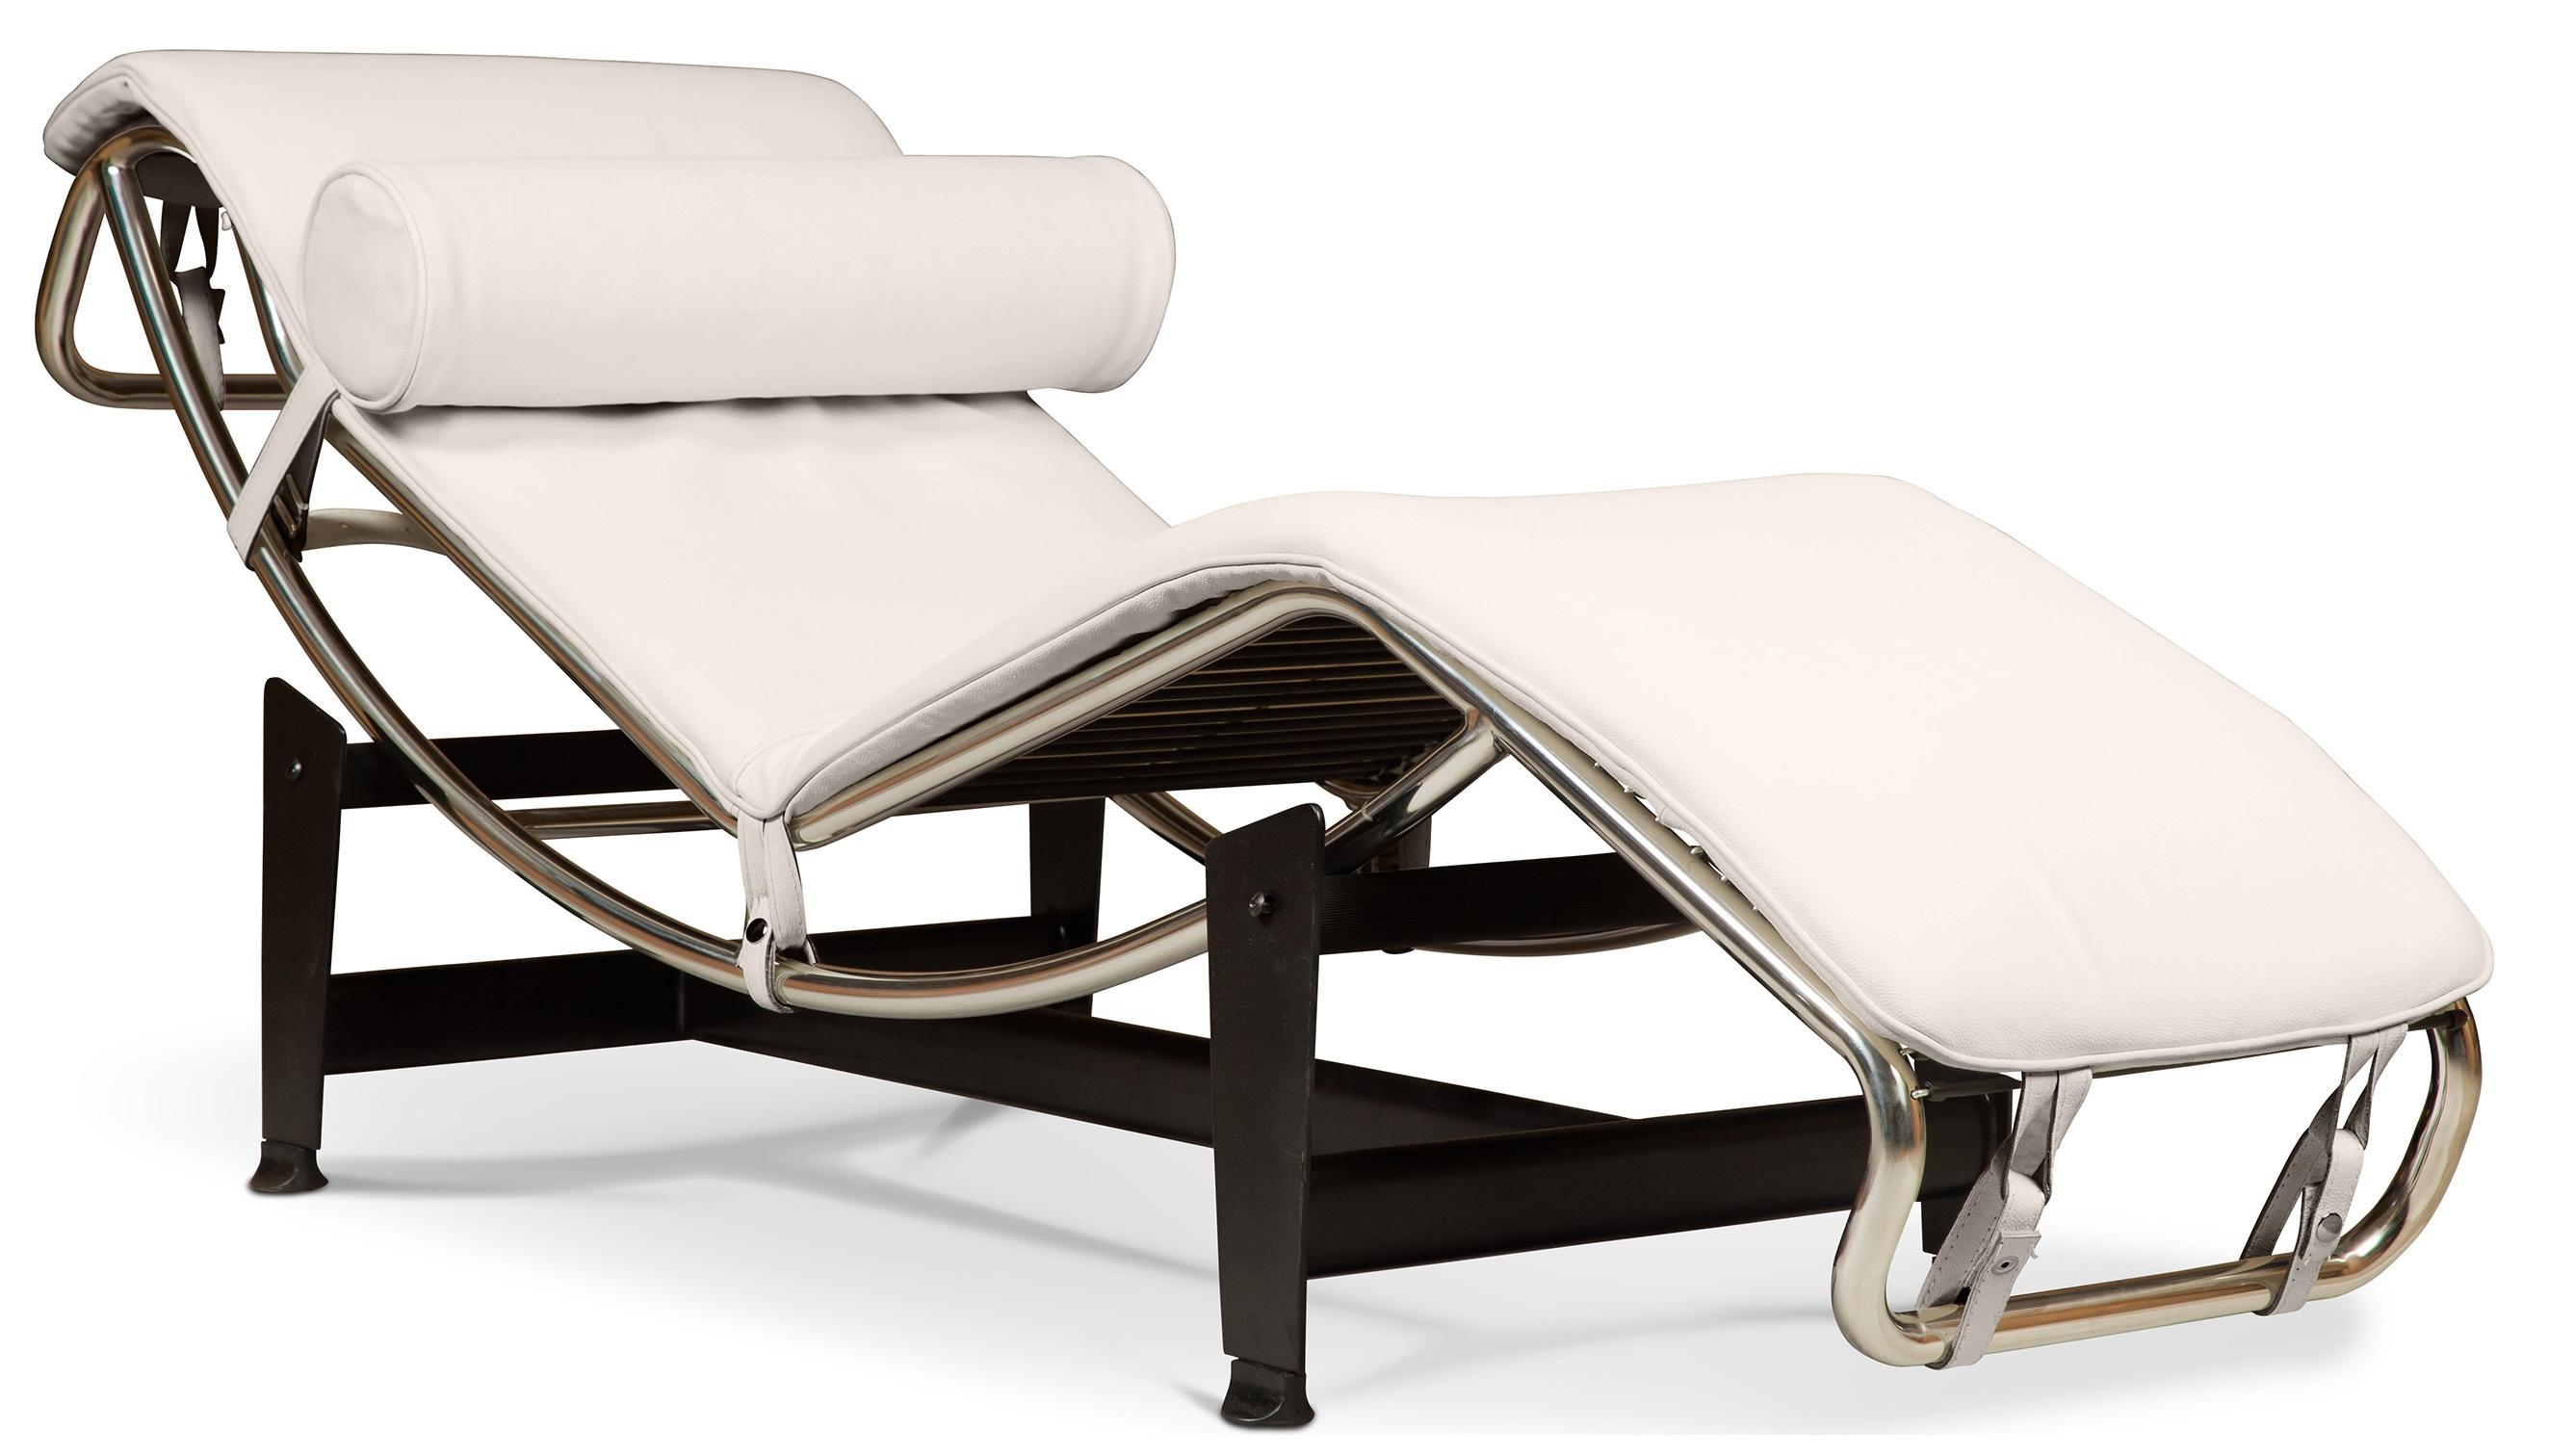 Chaise longue simili cr me clair inspir lc4 de le corbusier - Fauteuil lc4 le corbusier ...